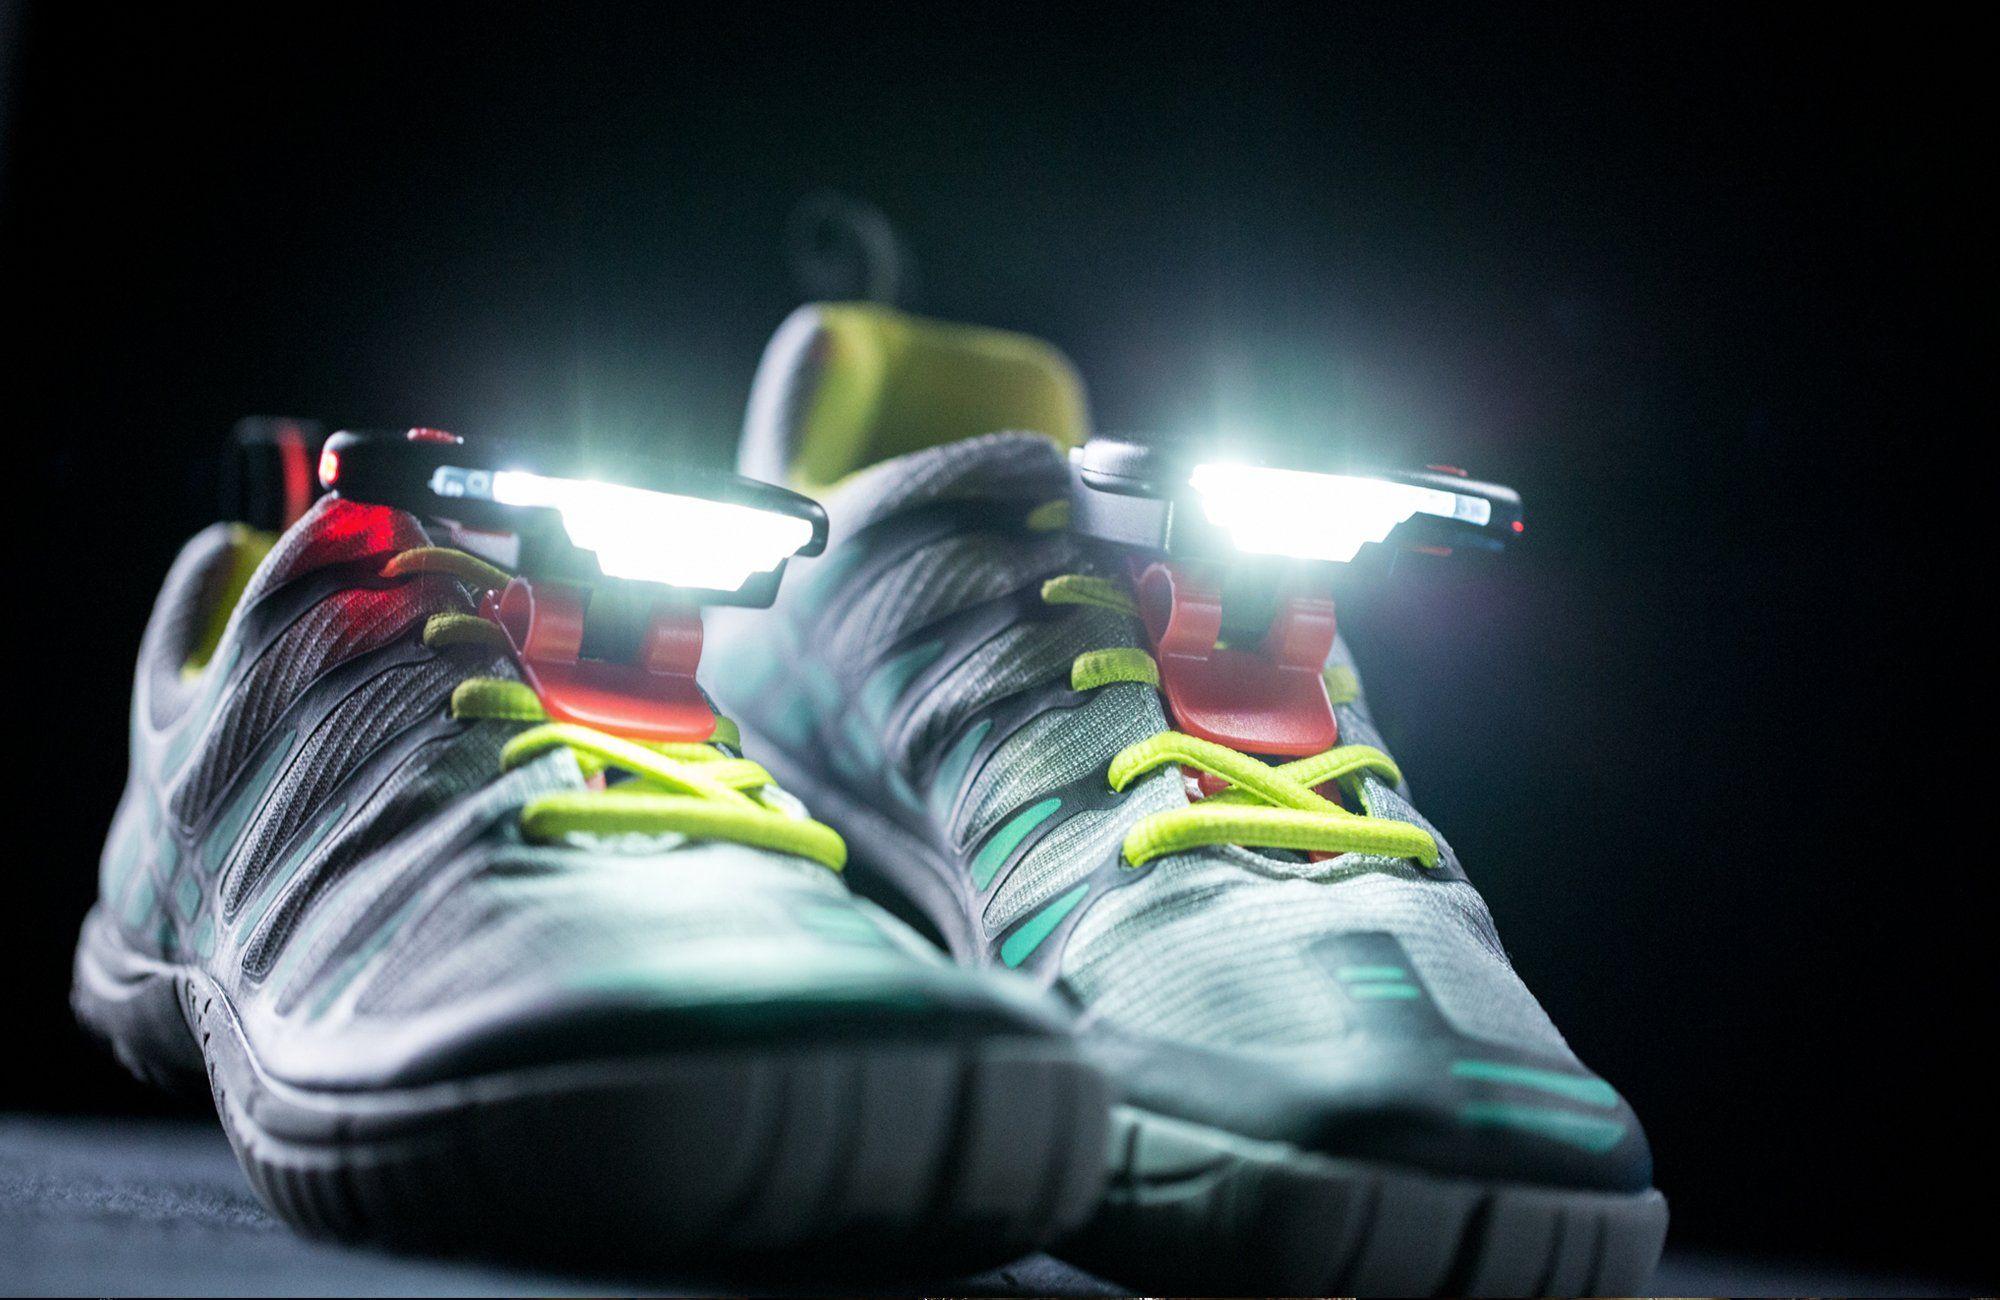 Night Runner 270 Schuhlampe als Alternative zu Stirnlampe